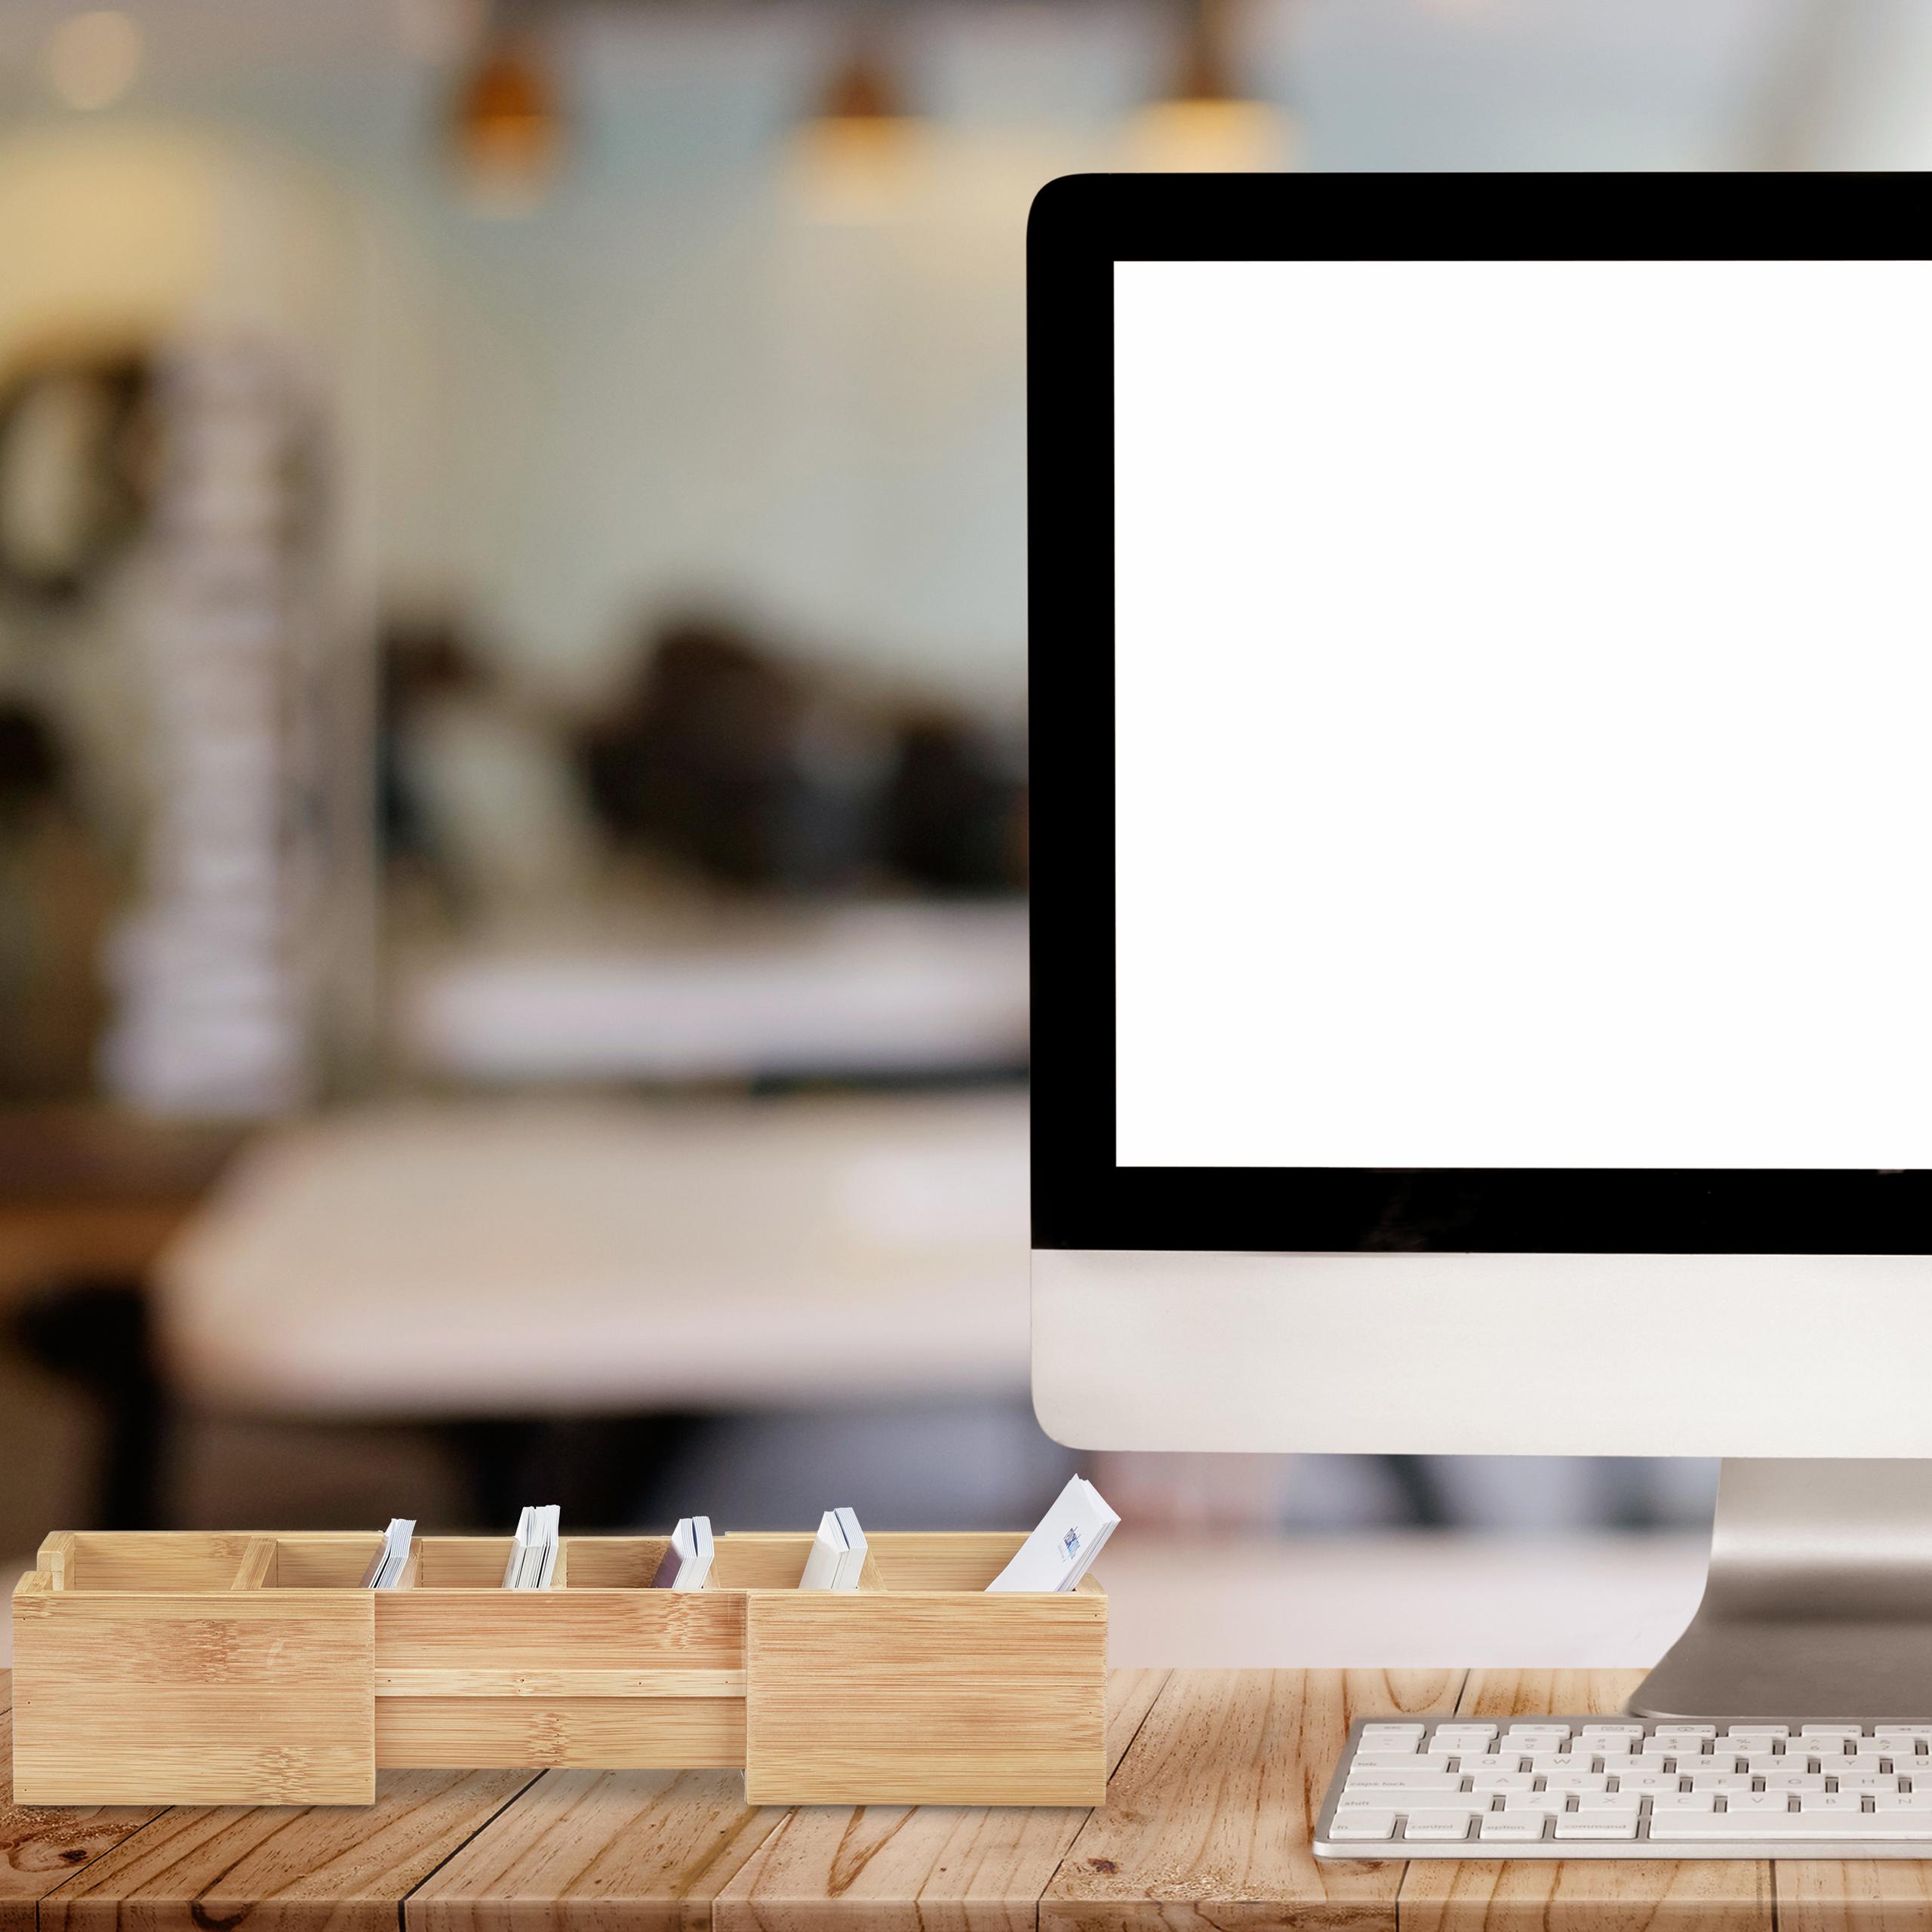 Karteikasten-DIN-A8-Holz-natuerlich-Karteikartensystem-Lernbox-Visitenkartenbox Indexbild 4